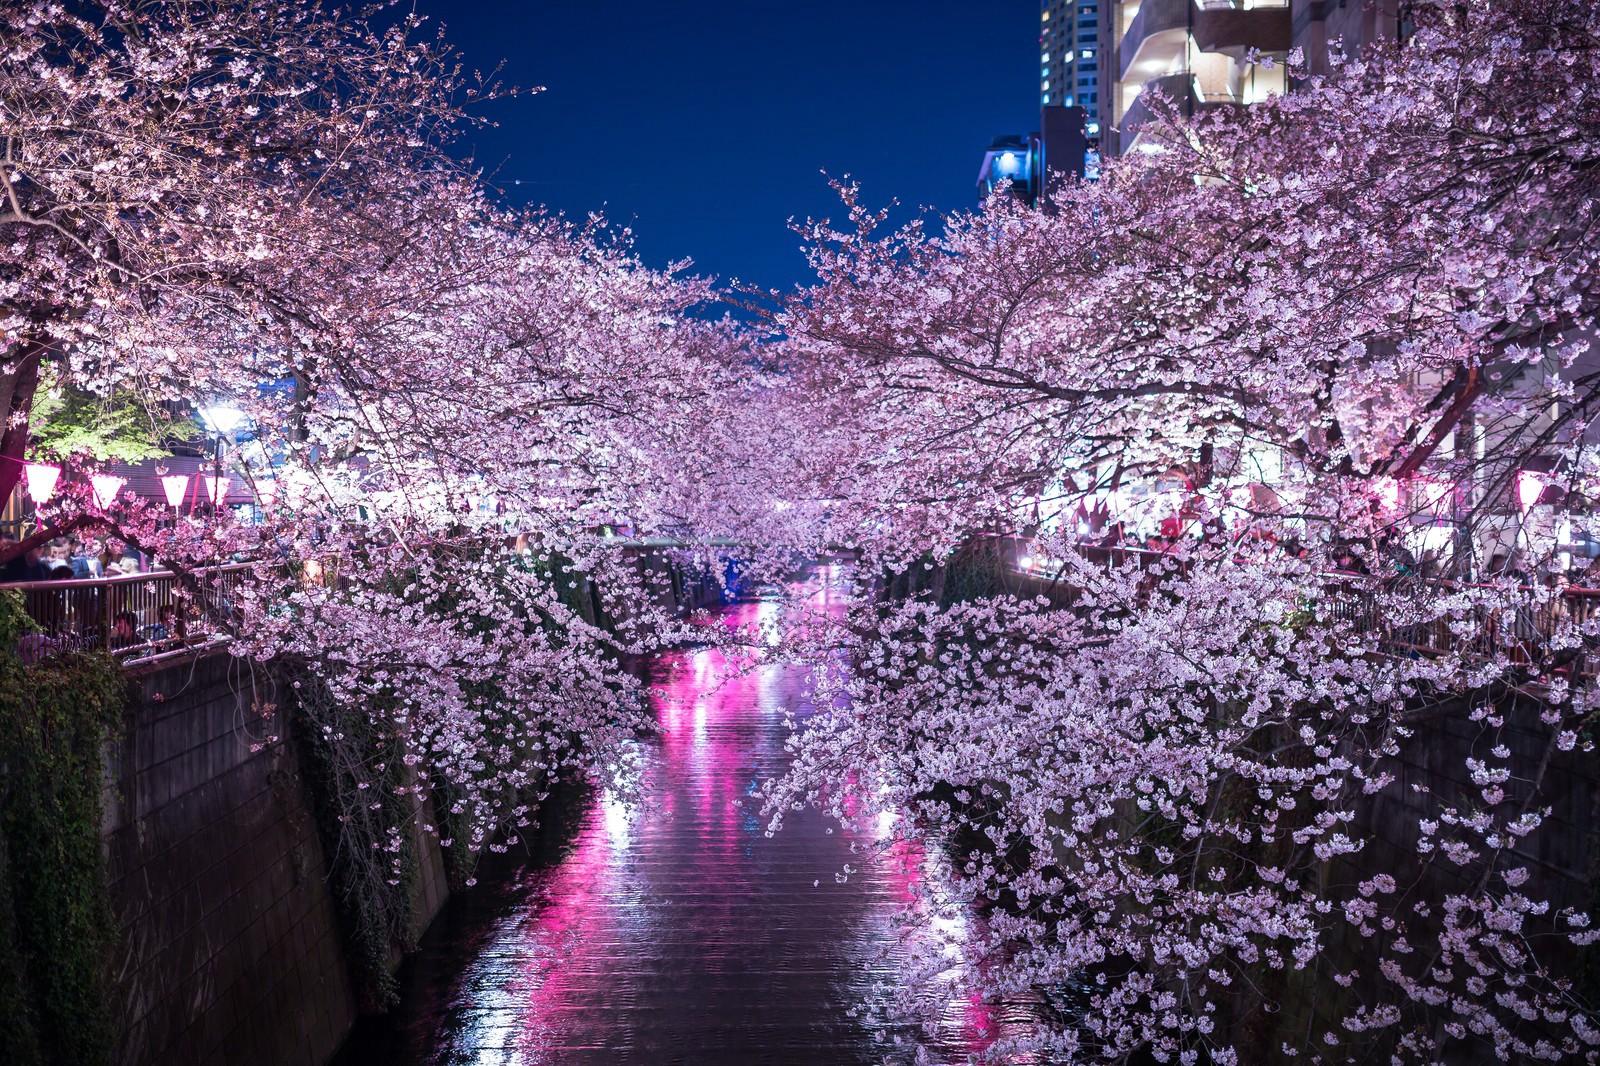 Cherry Blossom Forecast 2019 - Meguro River